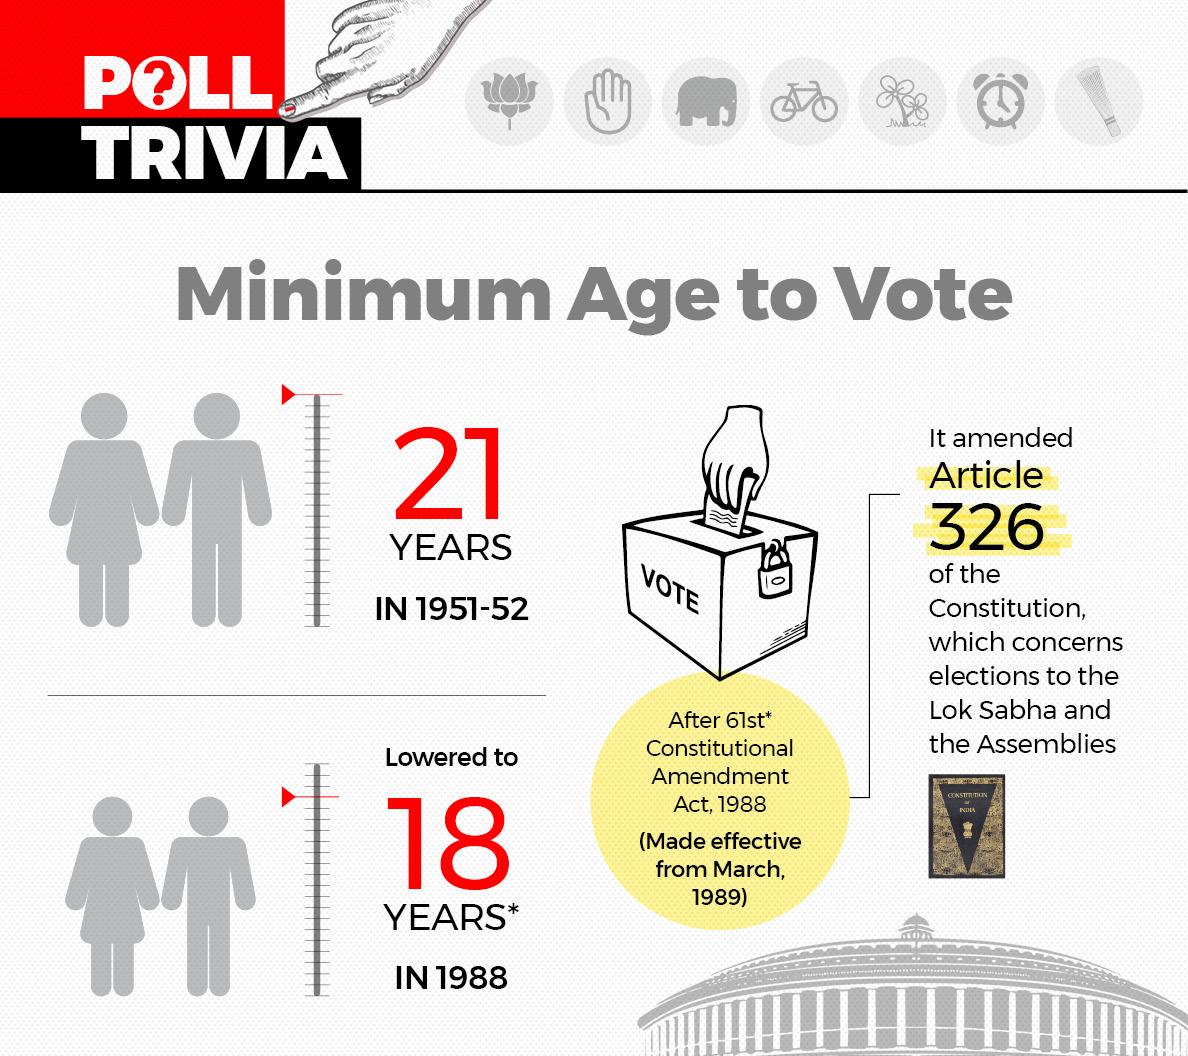 Minimum voting age